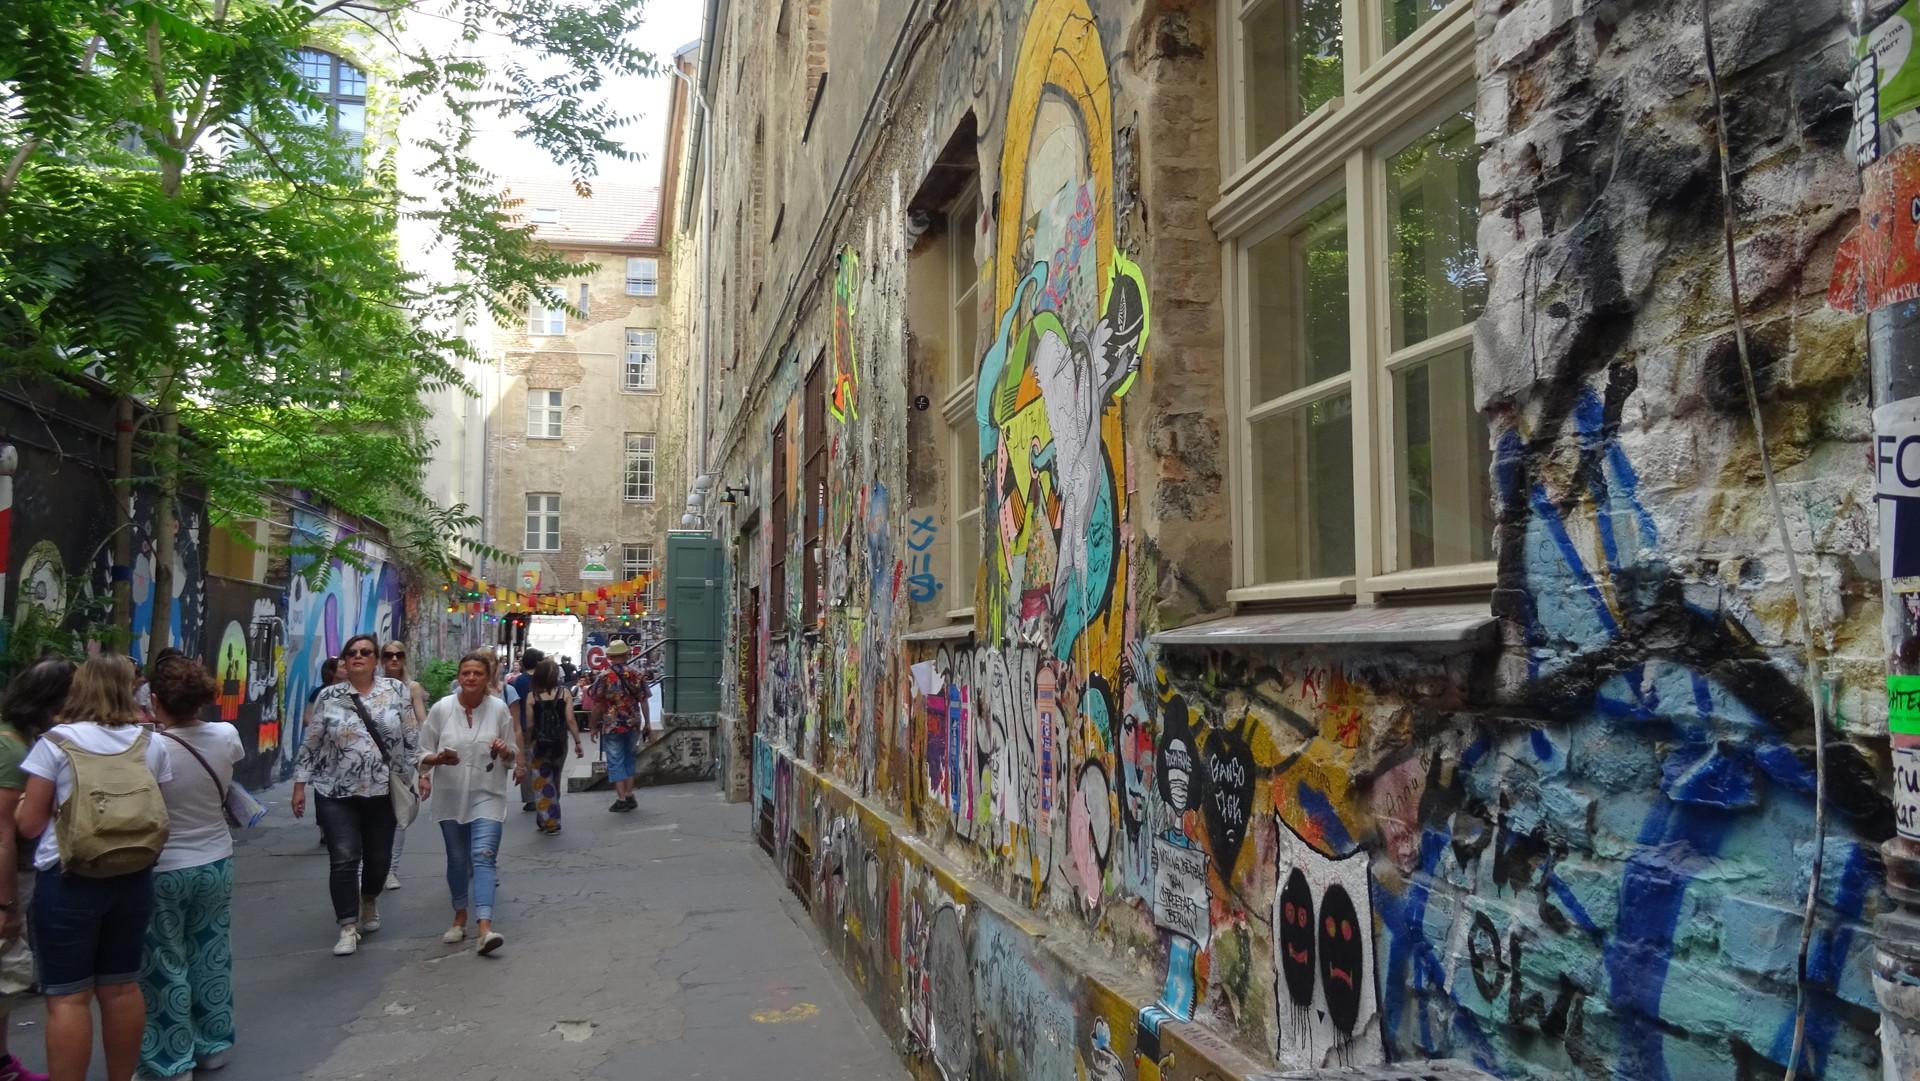 Discovering hidden treasures in Berlin...